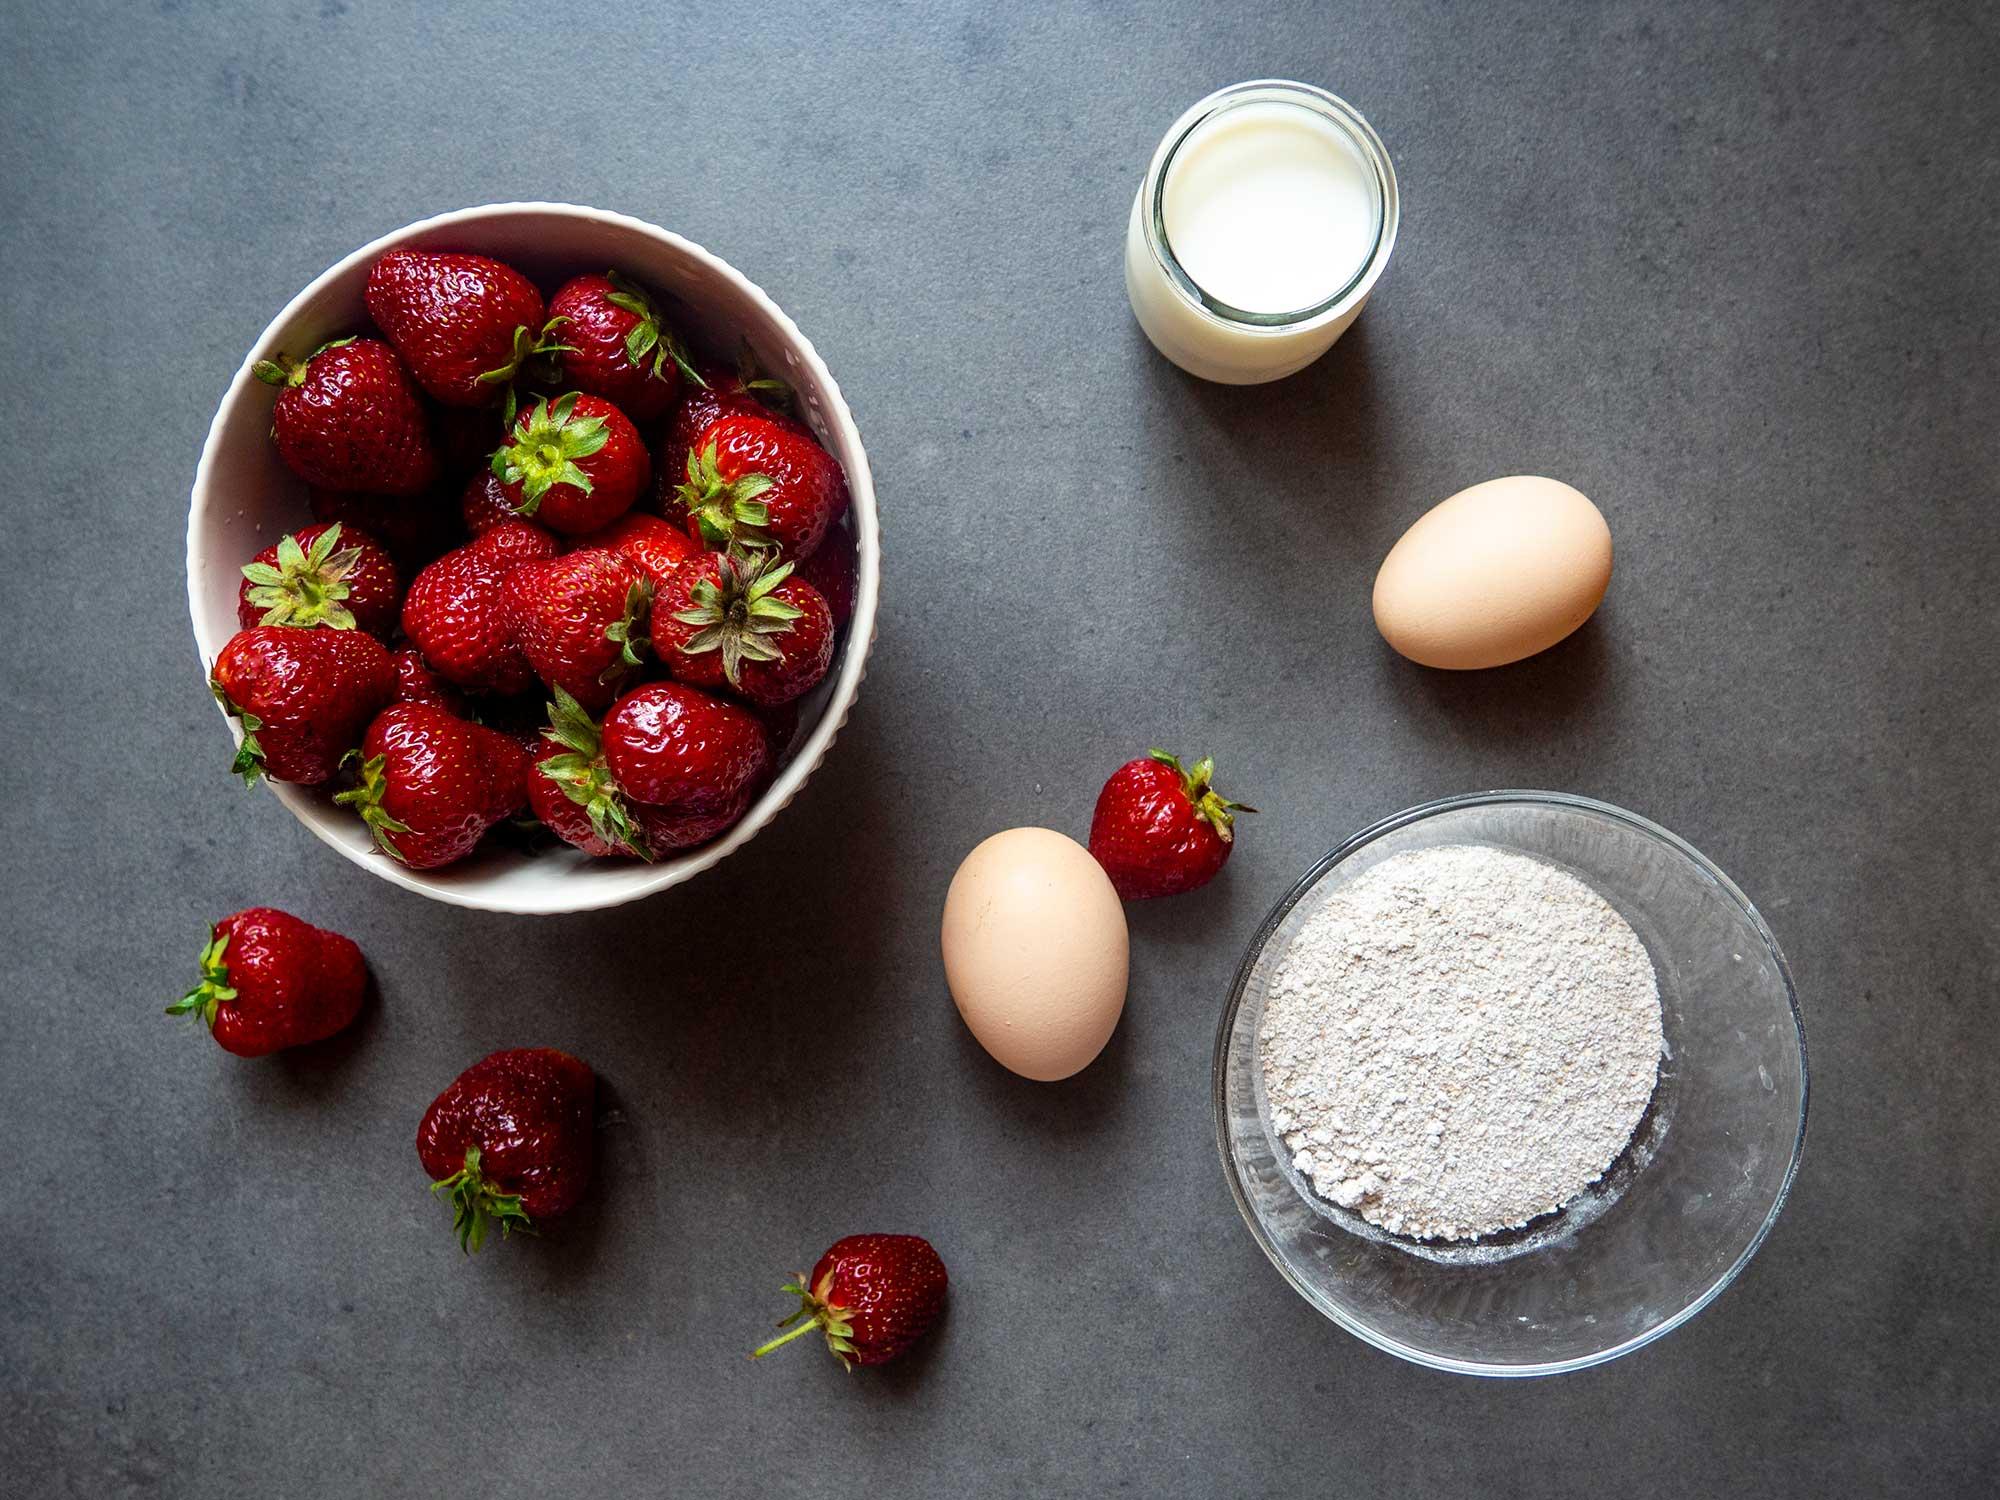 Clean strawberries